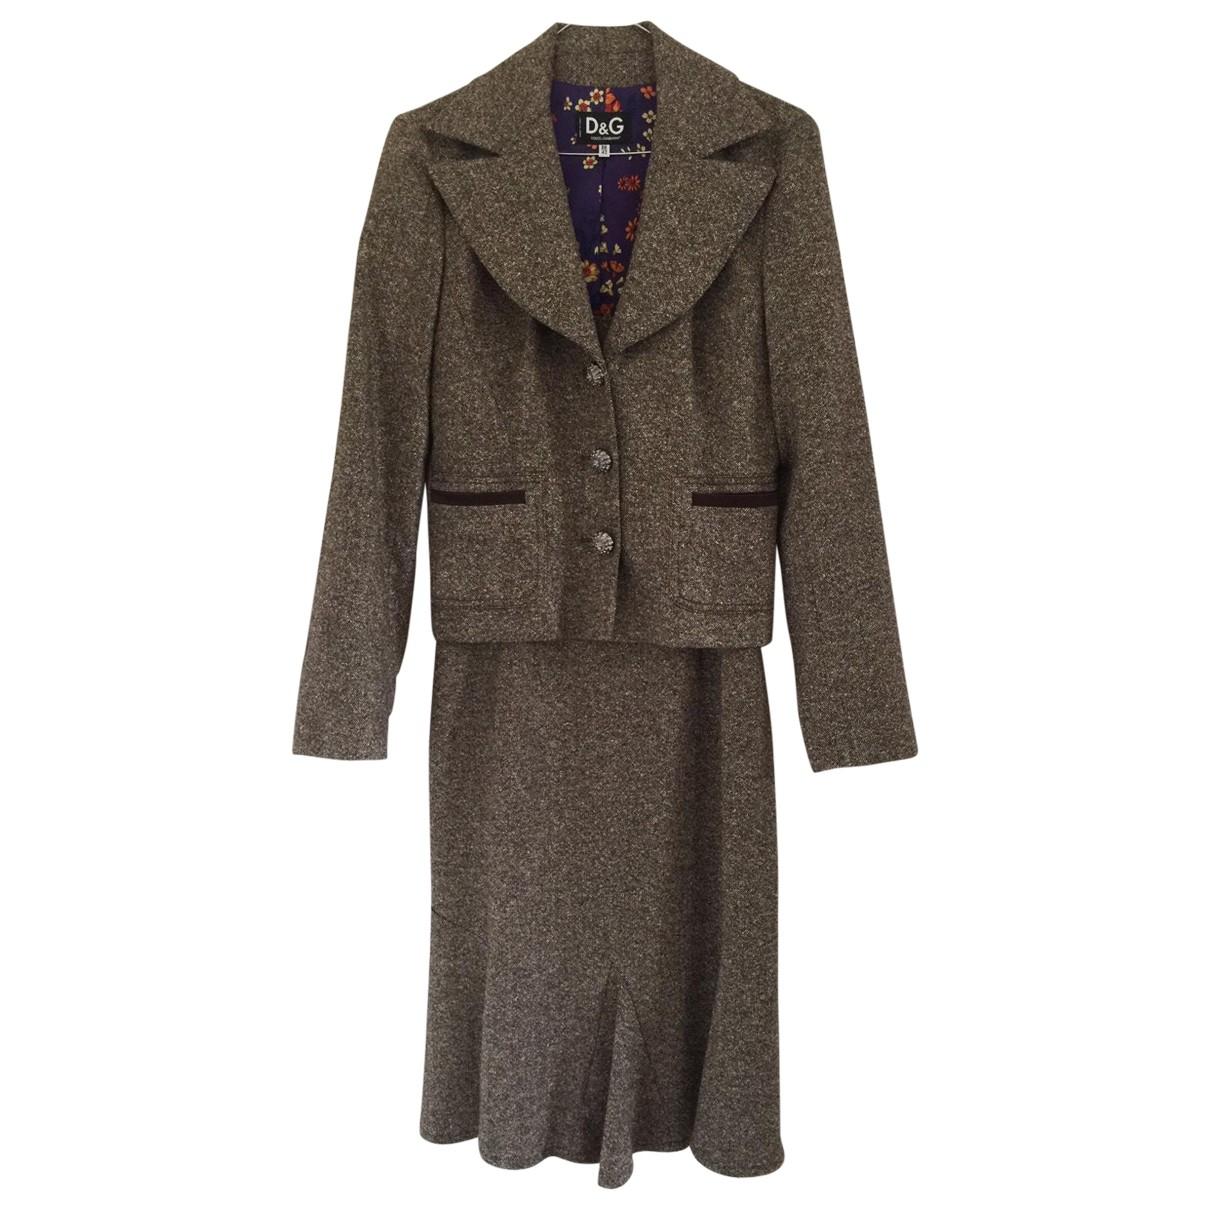 D&g - Veste   pour femme en laine - marron